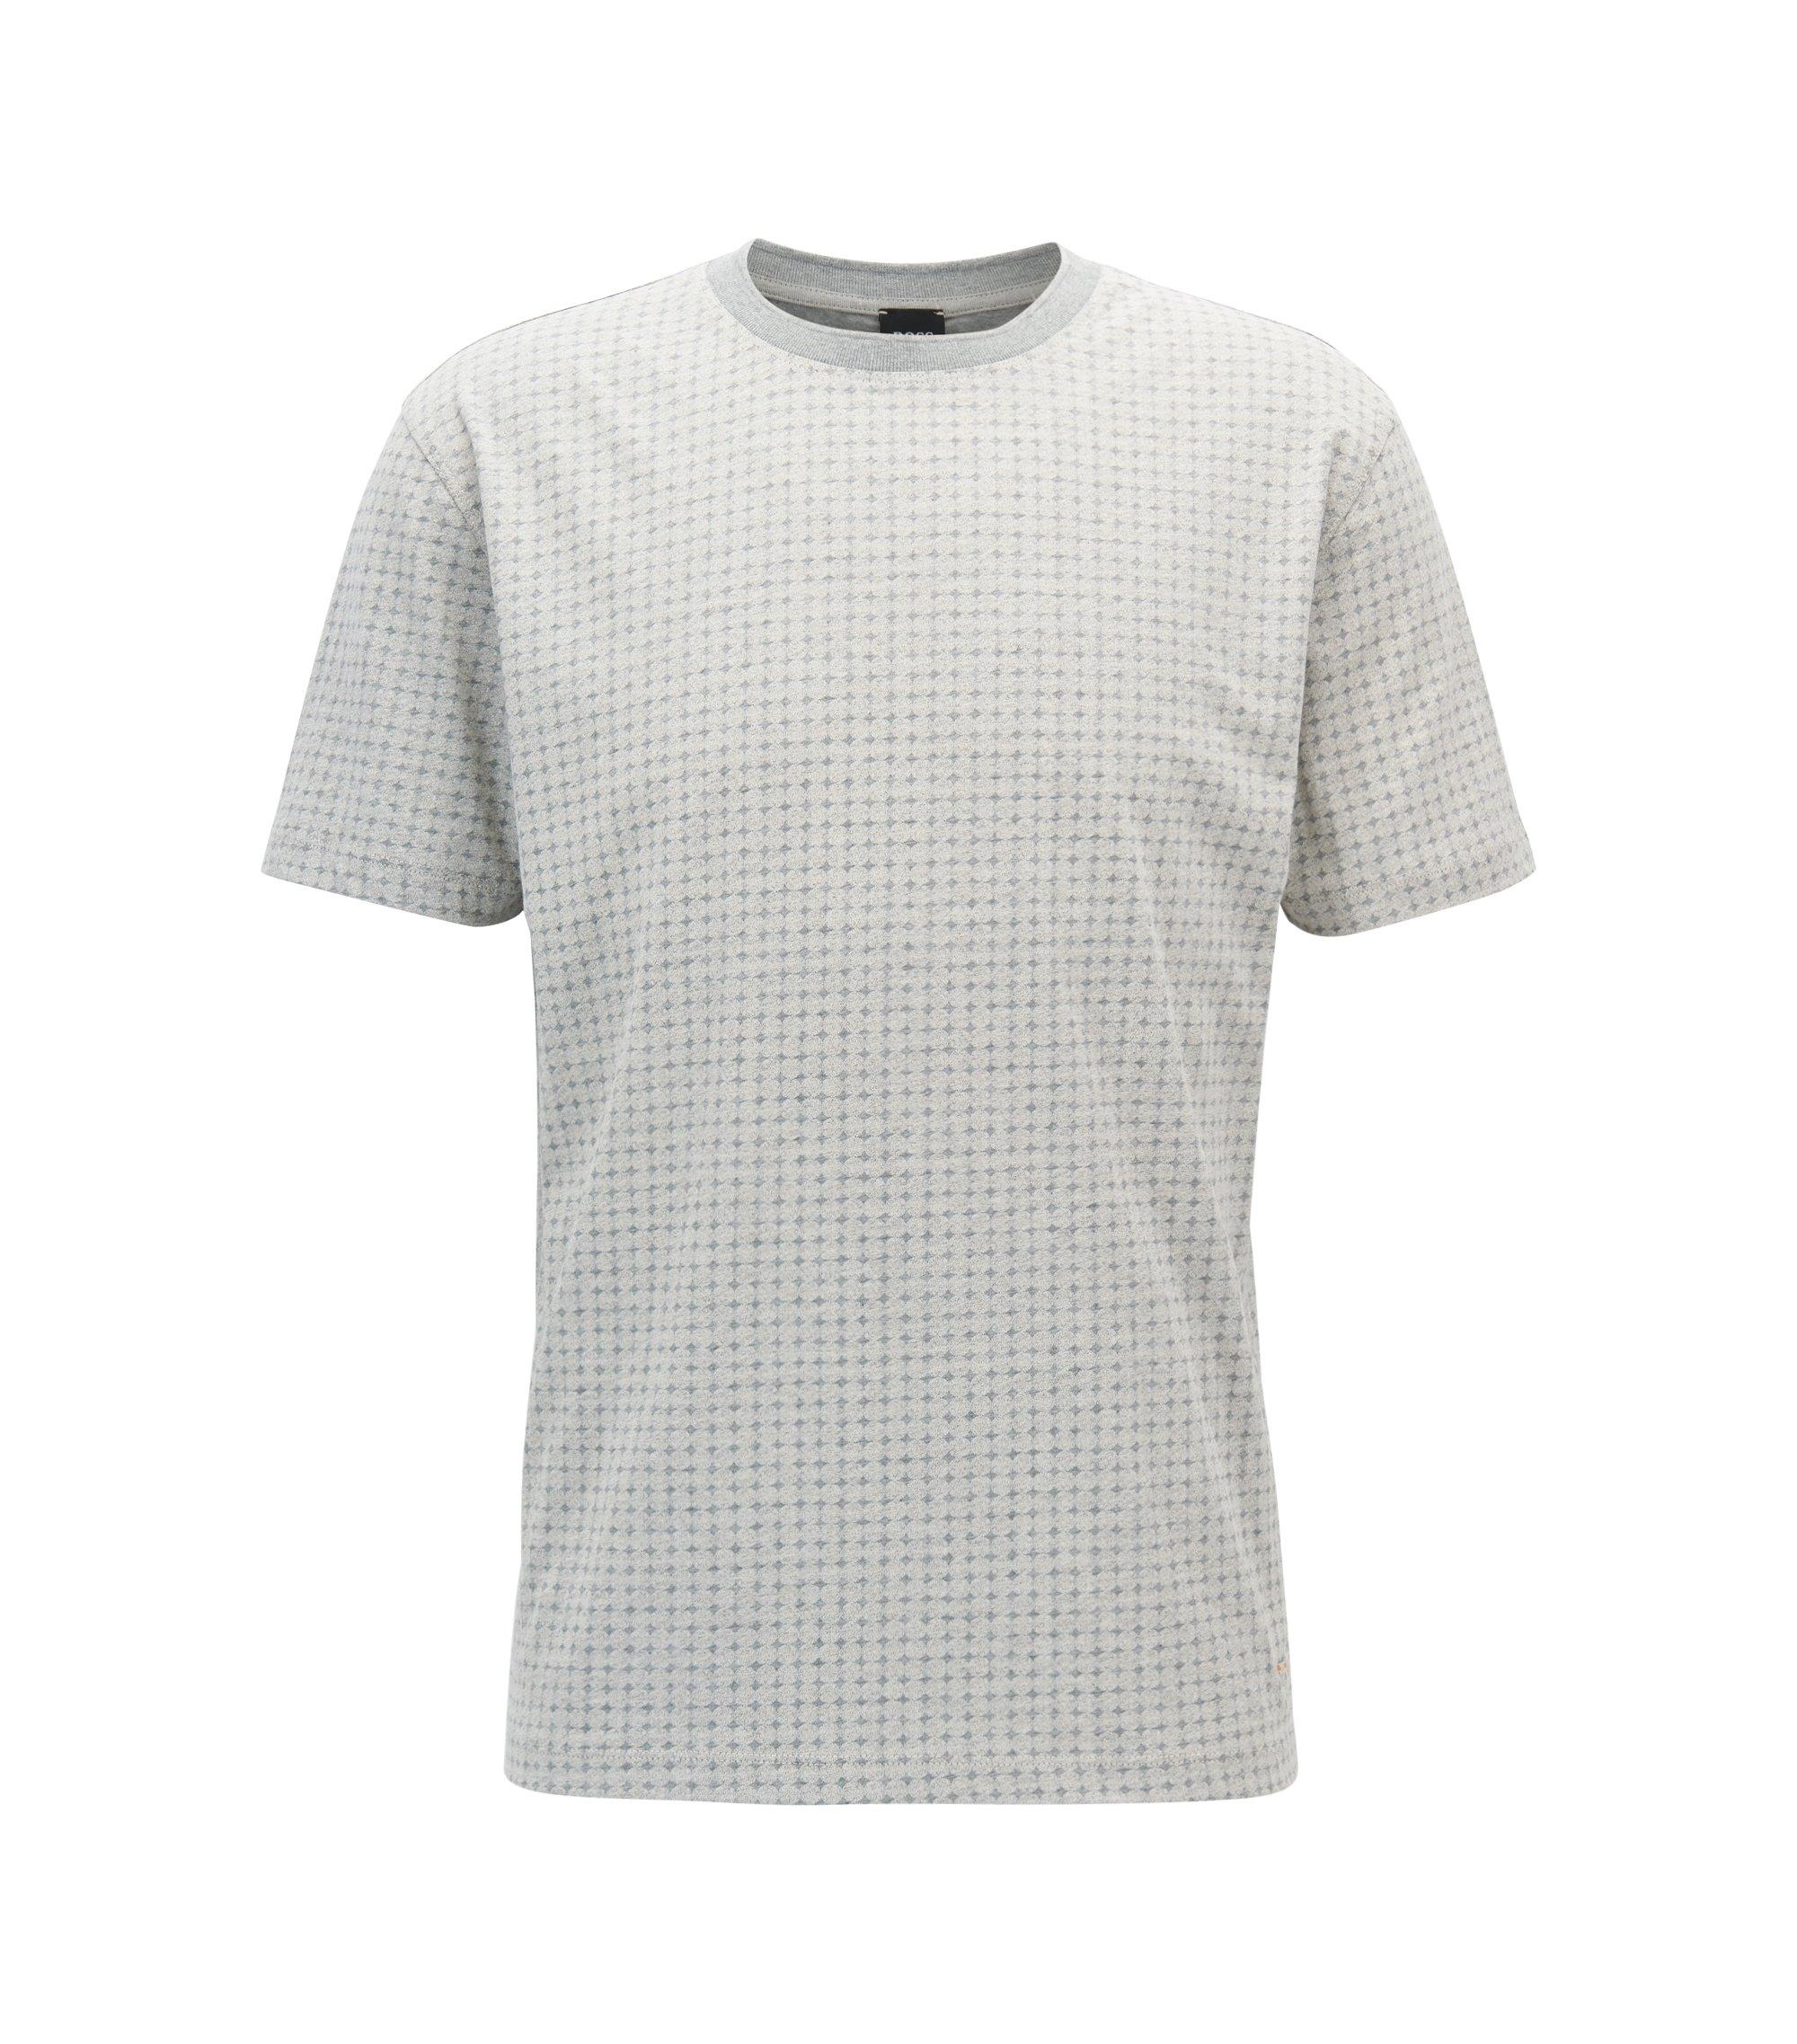 Relaxed-Fit T-Shirt aus gemustertem Baumwoll-Jersey, Hellgrau